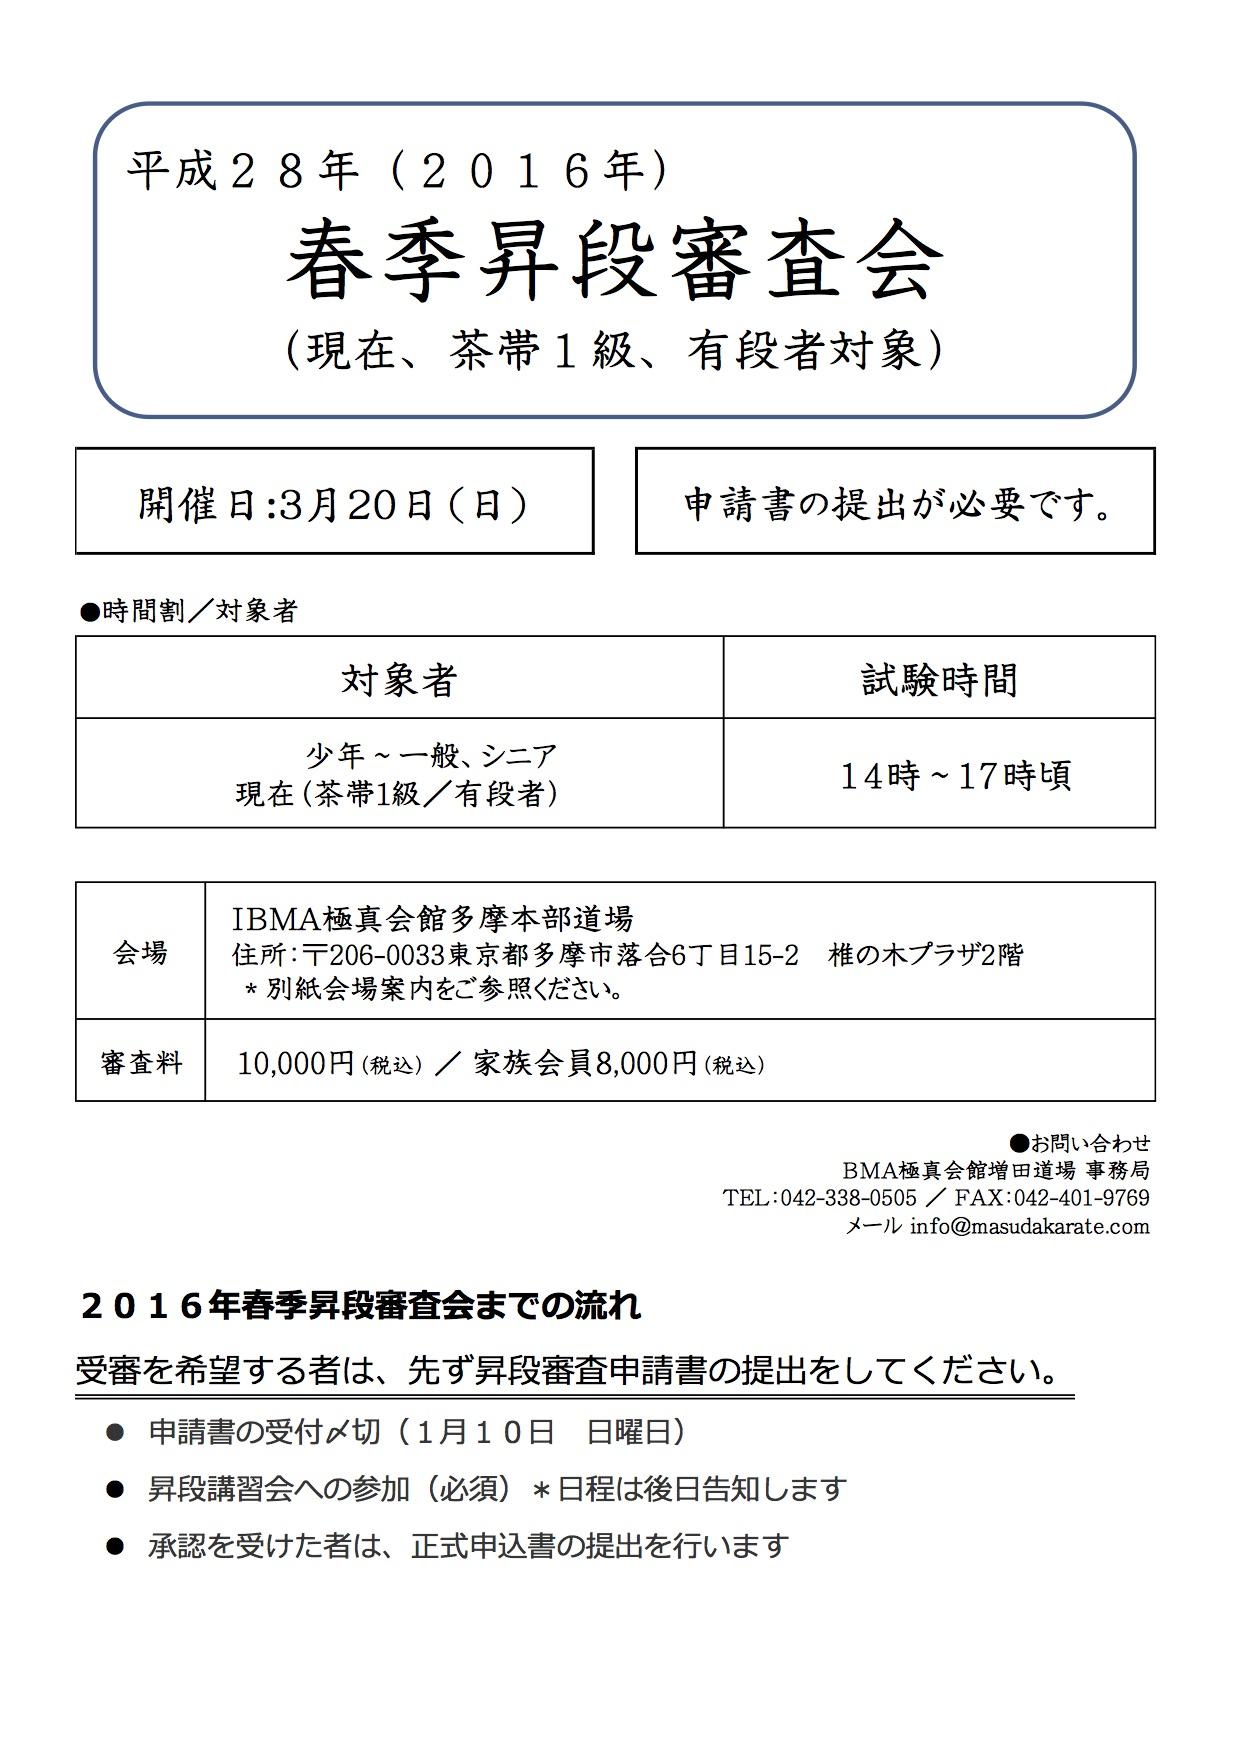 2016年 春季昇段審査 申請書